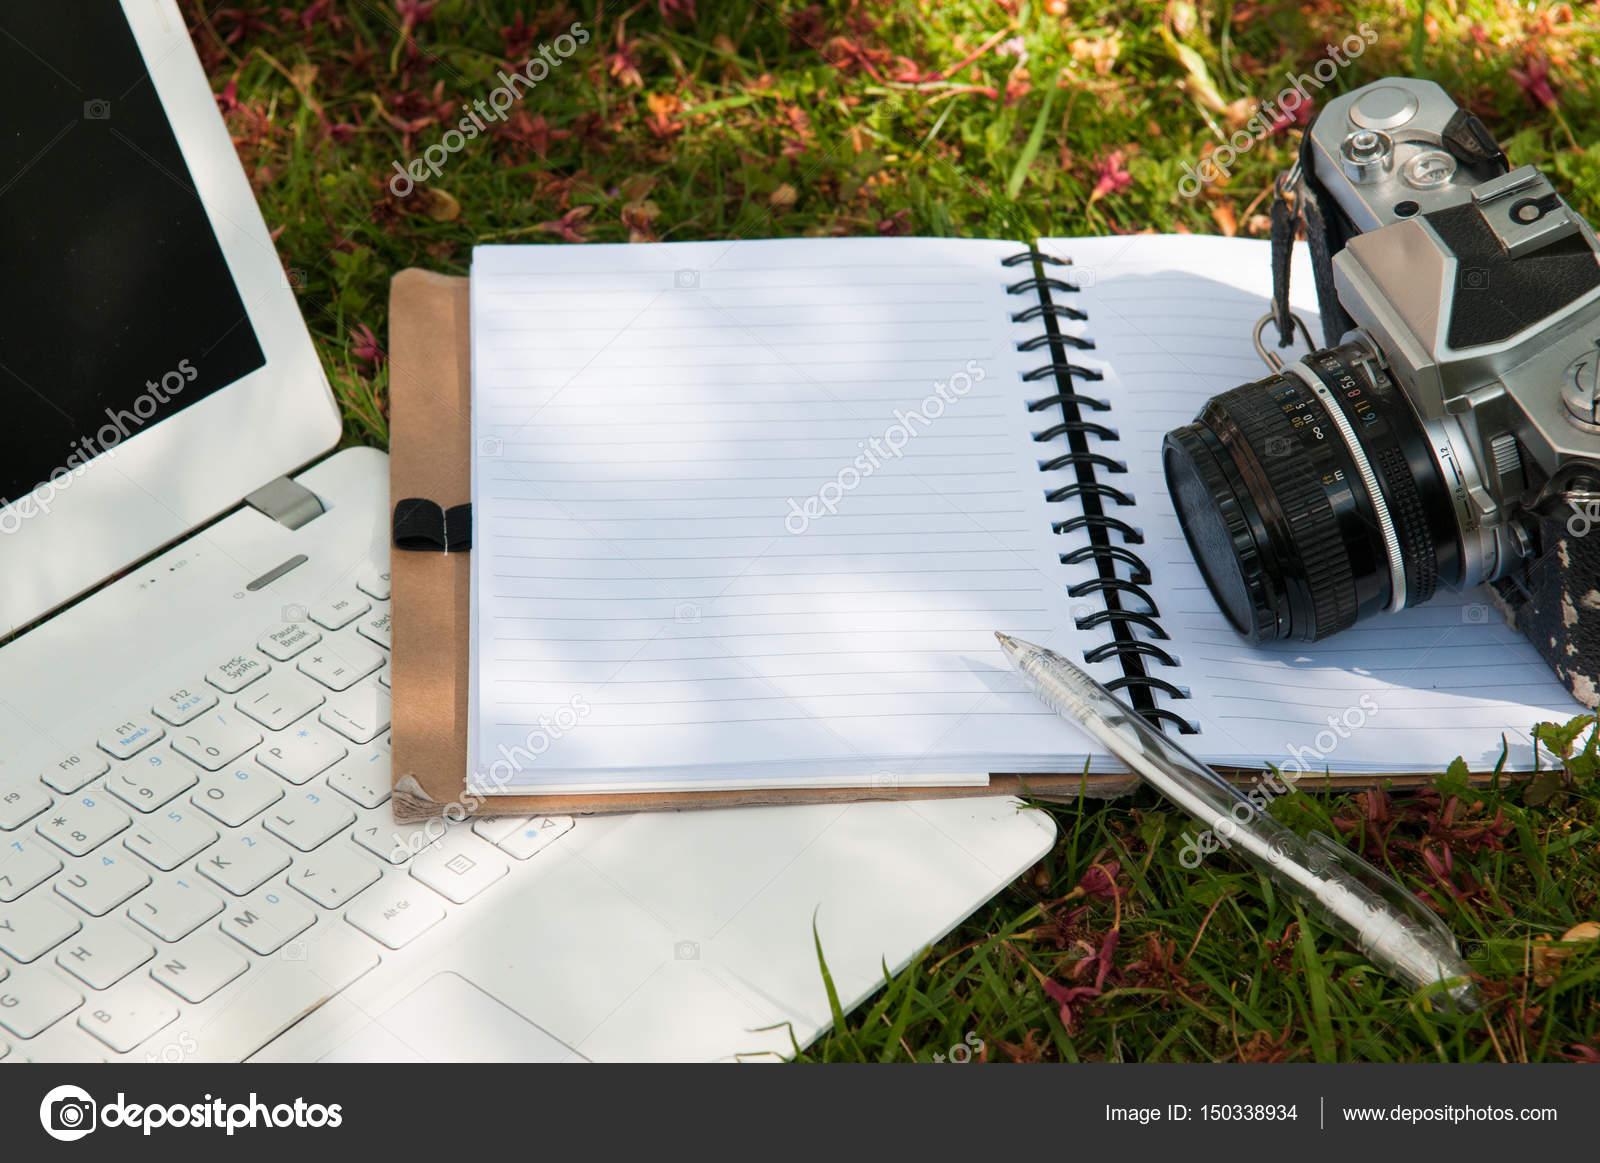 Ziemlich Blogger Vorlage Ideen - Beispielzusammenfassung Ideen ...